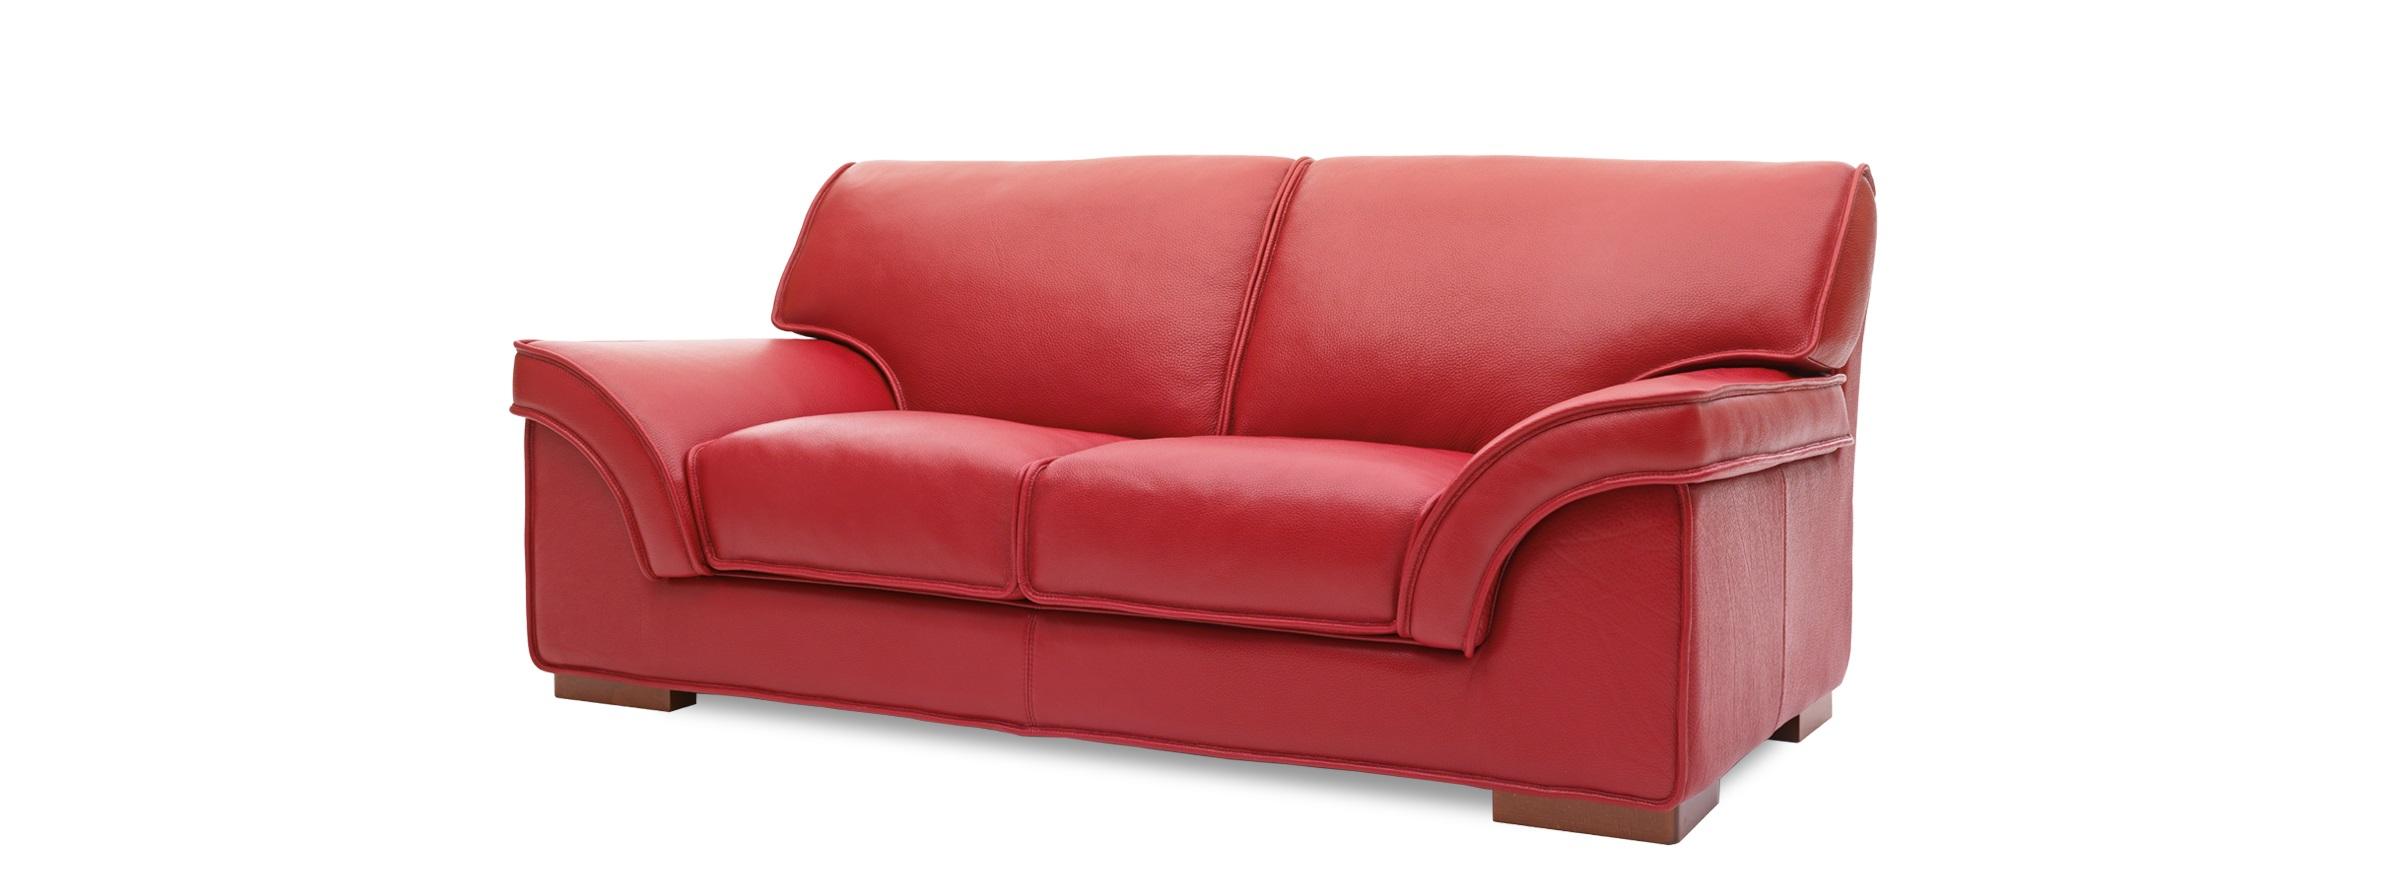 canap cuir pleine fleur pigmente canap cuir pleine fleur. Black Bedroom Furniture Sets. Home Design Ideas